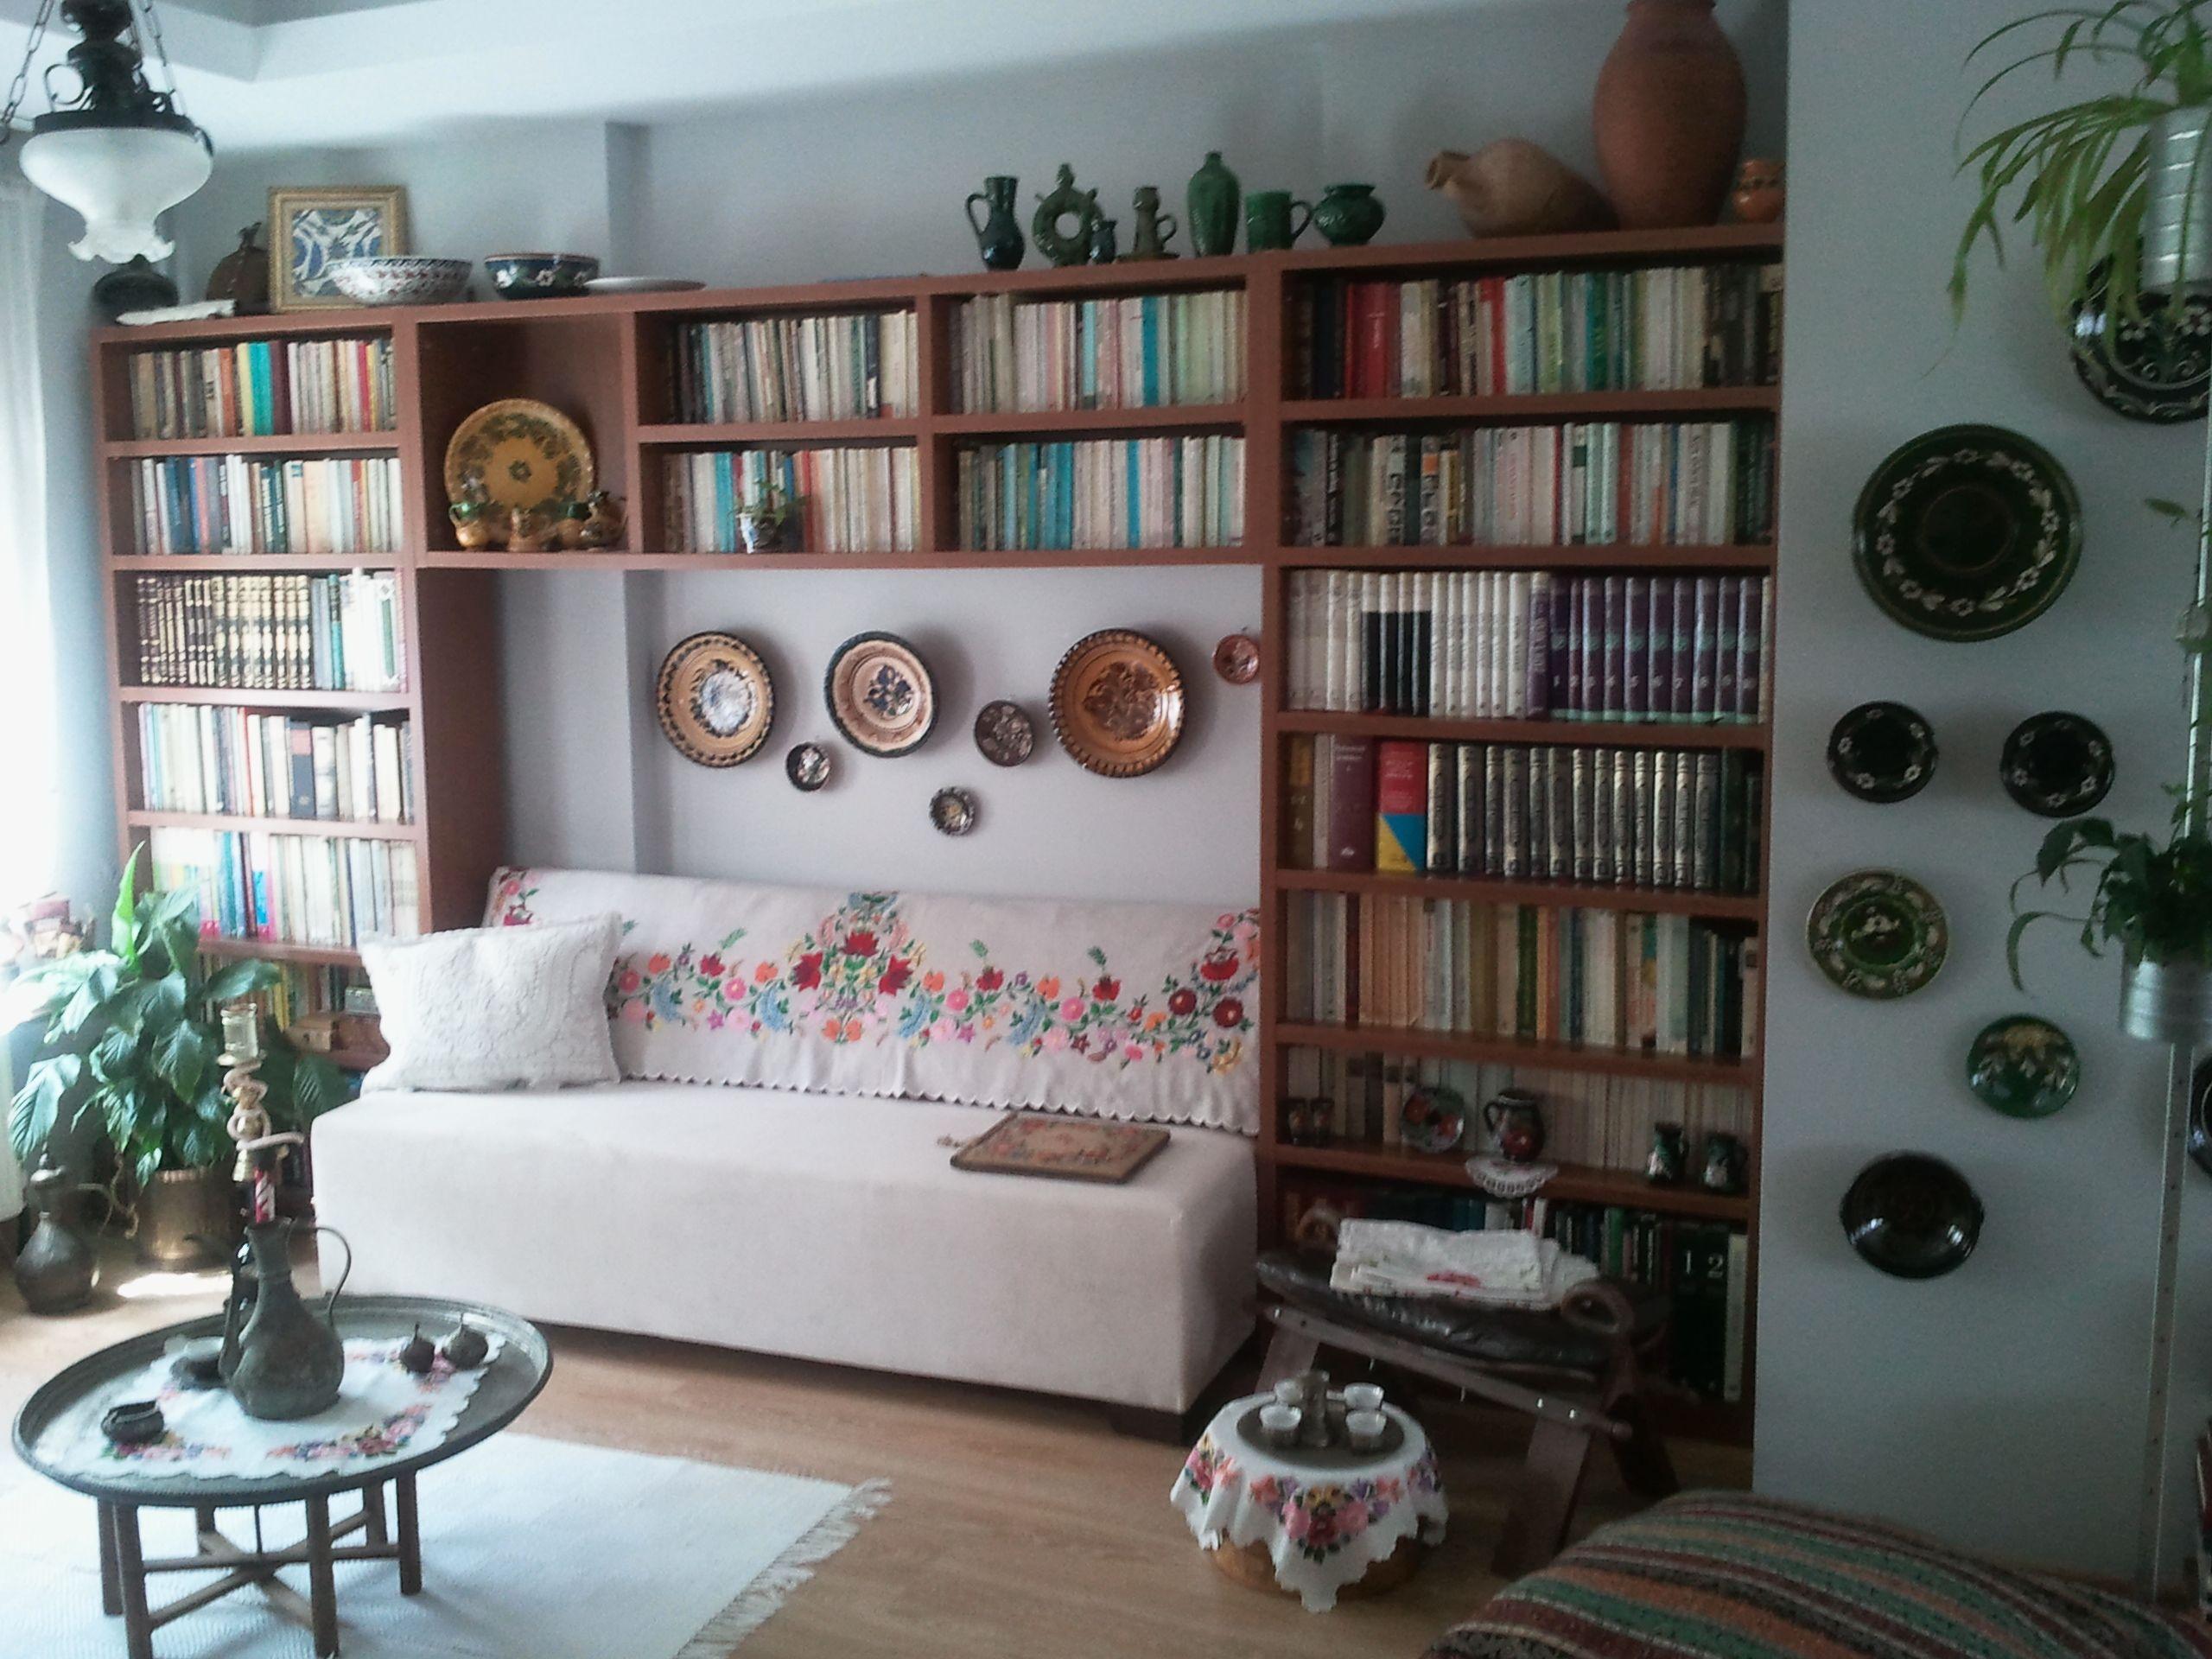 Hereve hal dan 2013 modern hal modelleri ev dekorasyon - Macaristanbul Home